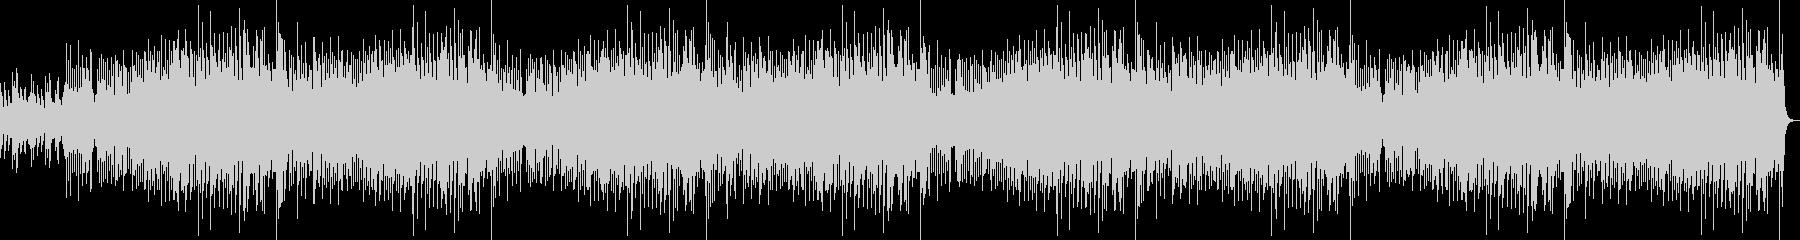 ピアノ中心の心あたたまるBGM10分の未再生の波形